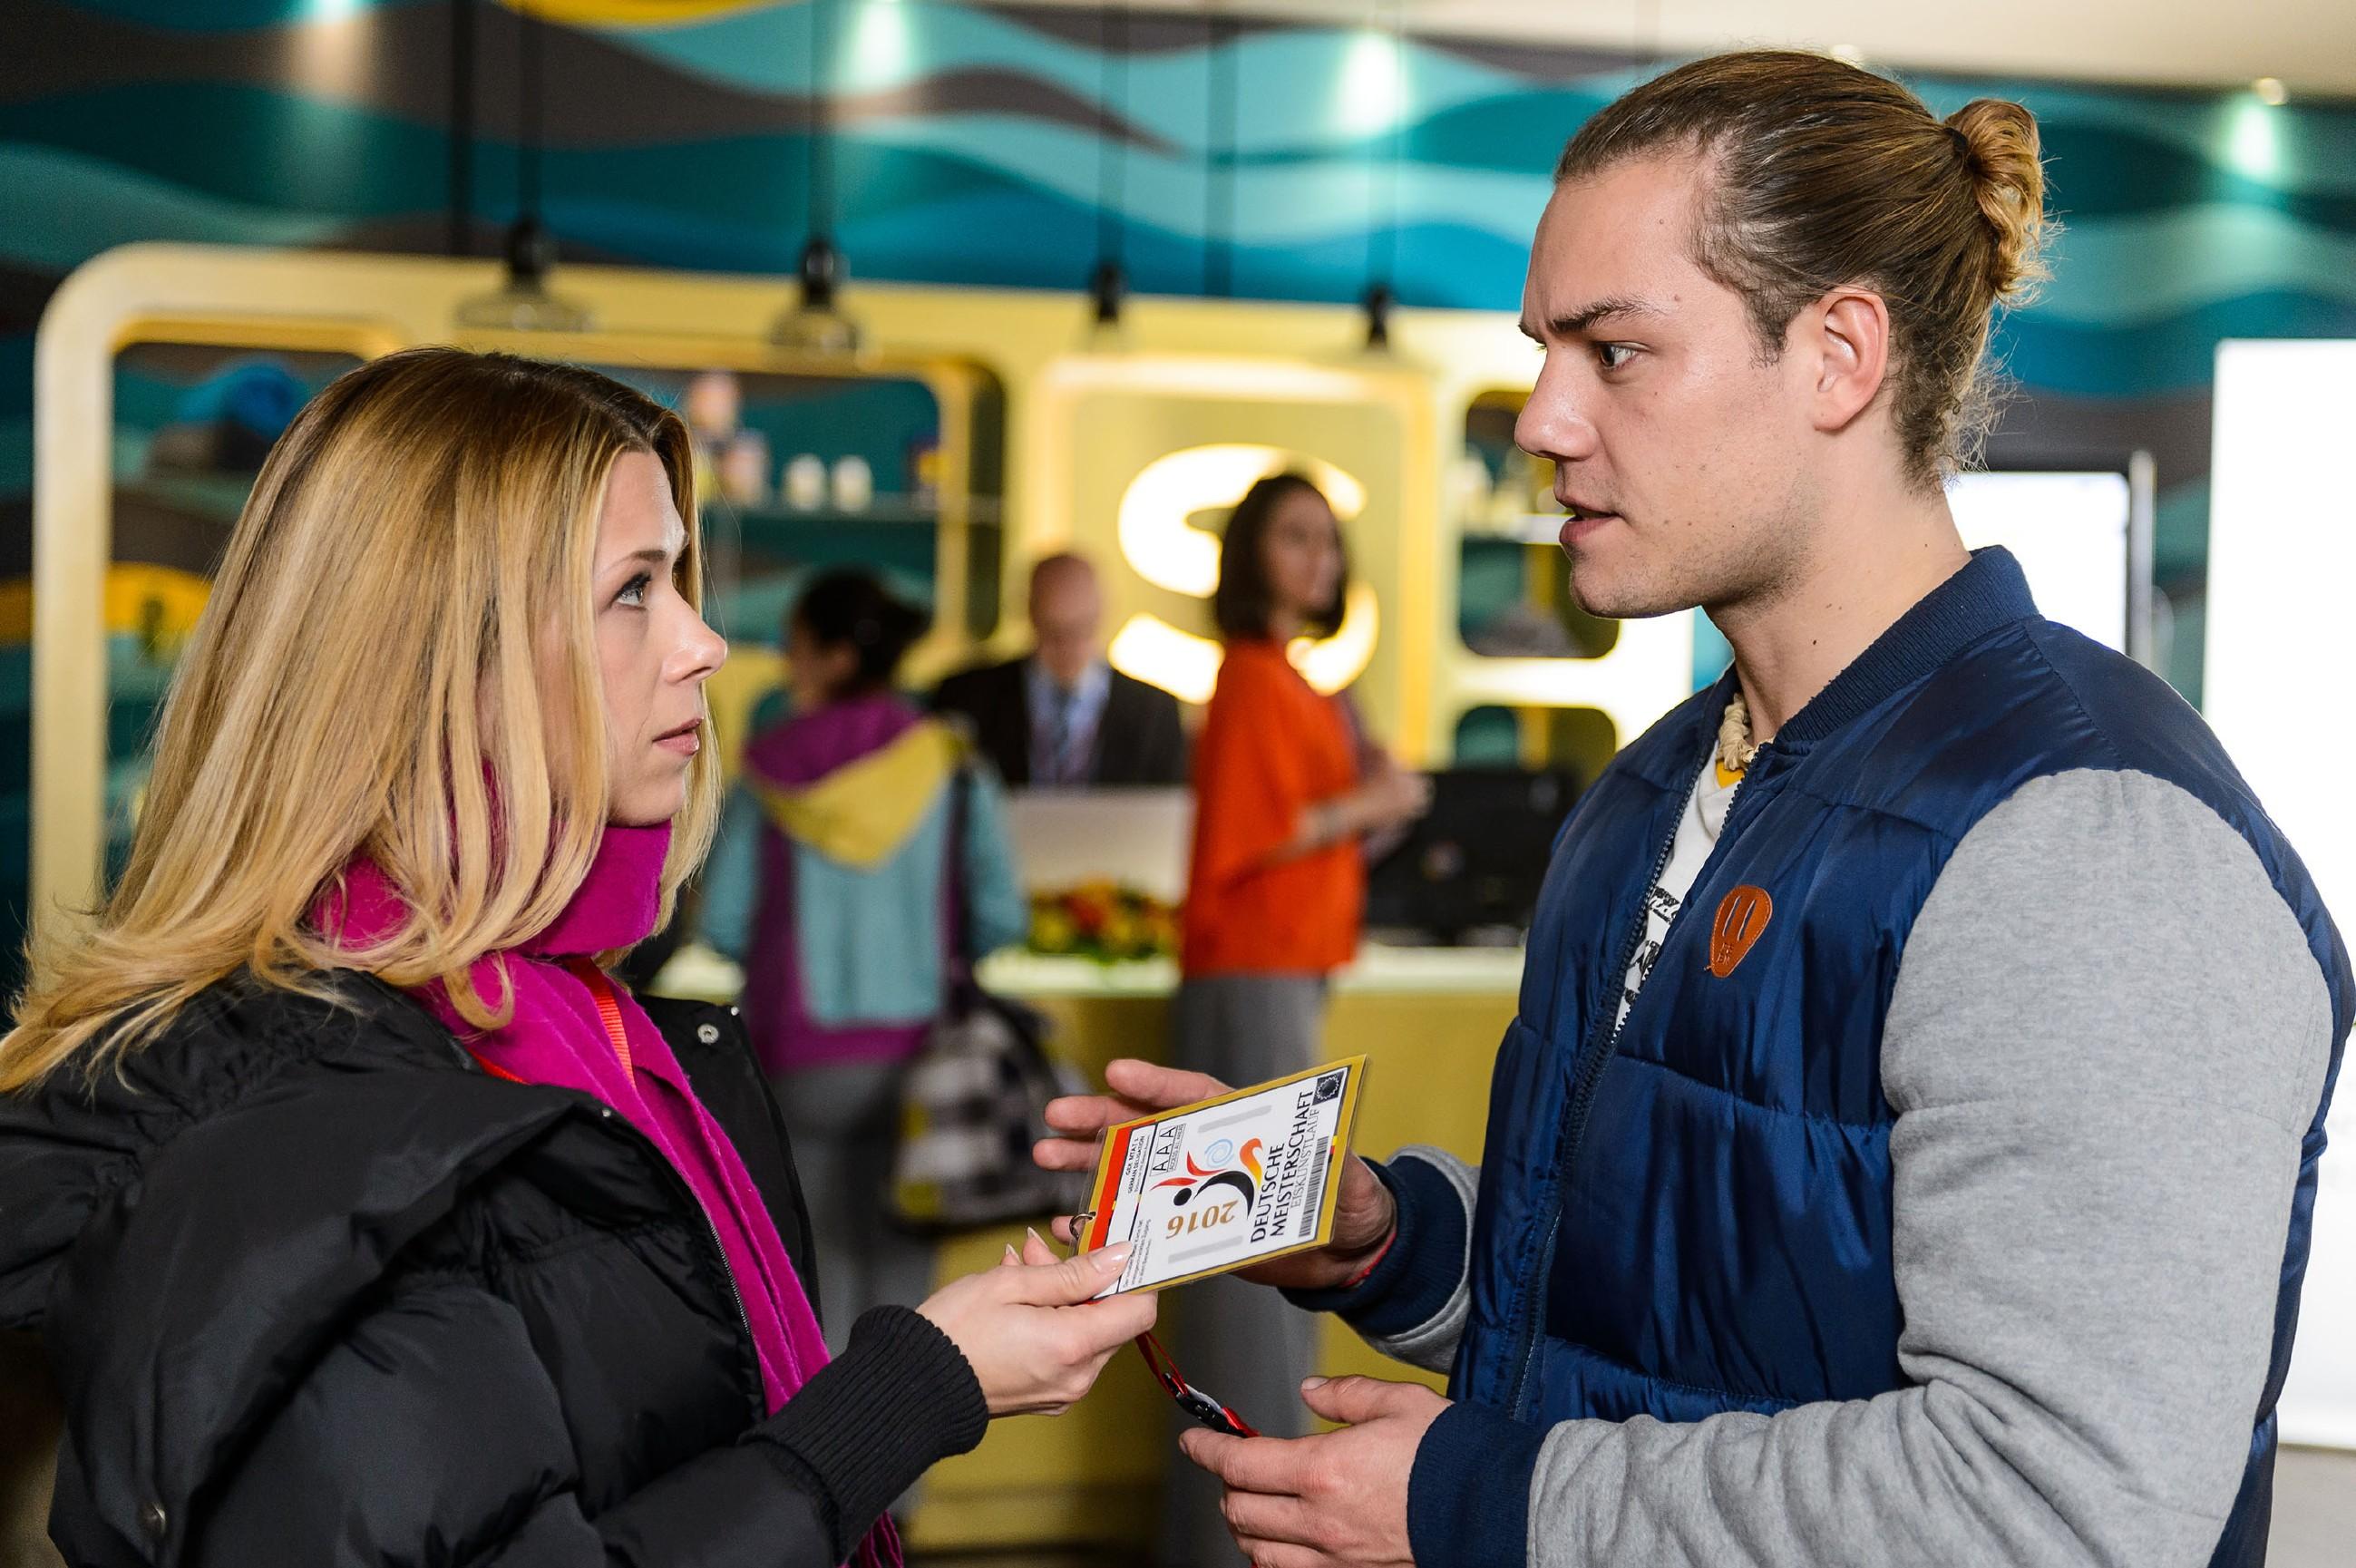 Diana (Tanja Szewczenko, l.) erkennt im Gespräch mit Leo (Julian Bayer) entsetzt, dass sich Marie wegen Leo falsche Hoffnungen macht. Jenny (Kaja Schmidt-Tychsen, hinten) verfolgt das Gespräch interessiert aus dem Hintergrund. (Quelle: RTL / Willi Weber)